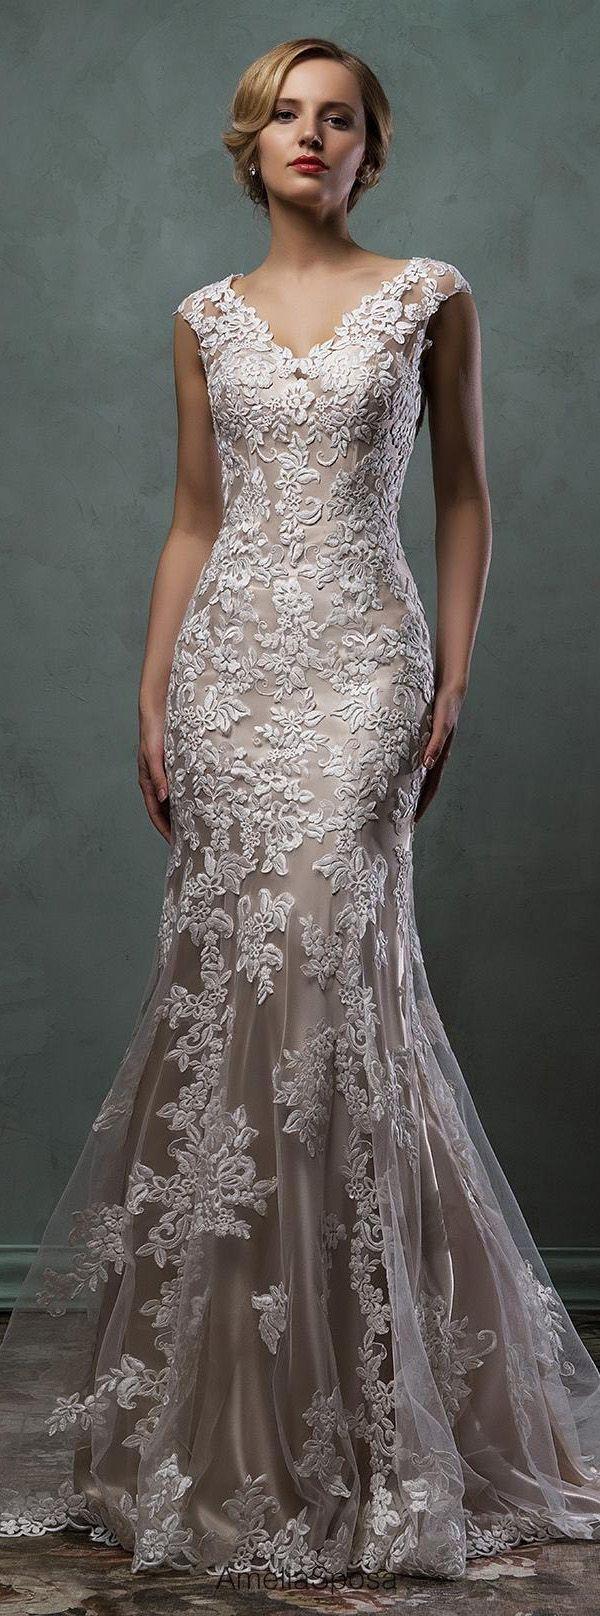 زفاف - The Best Bridal Wedding Dresses Ideas & Details For 2017